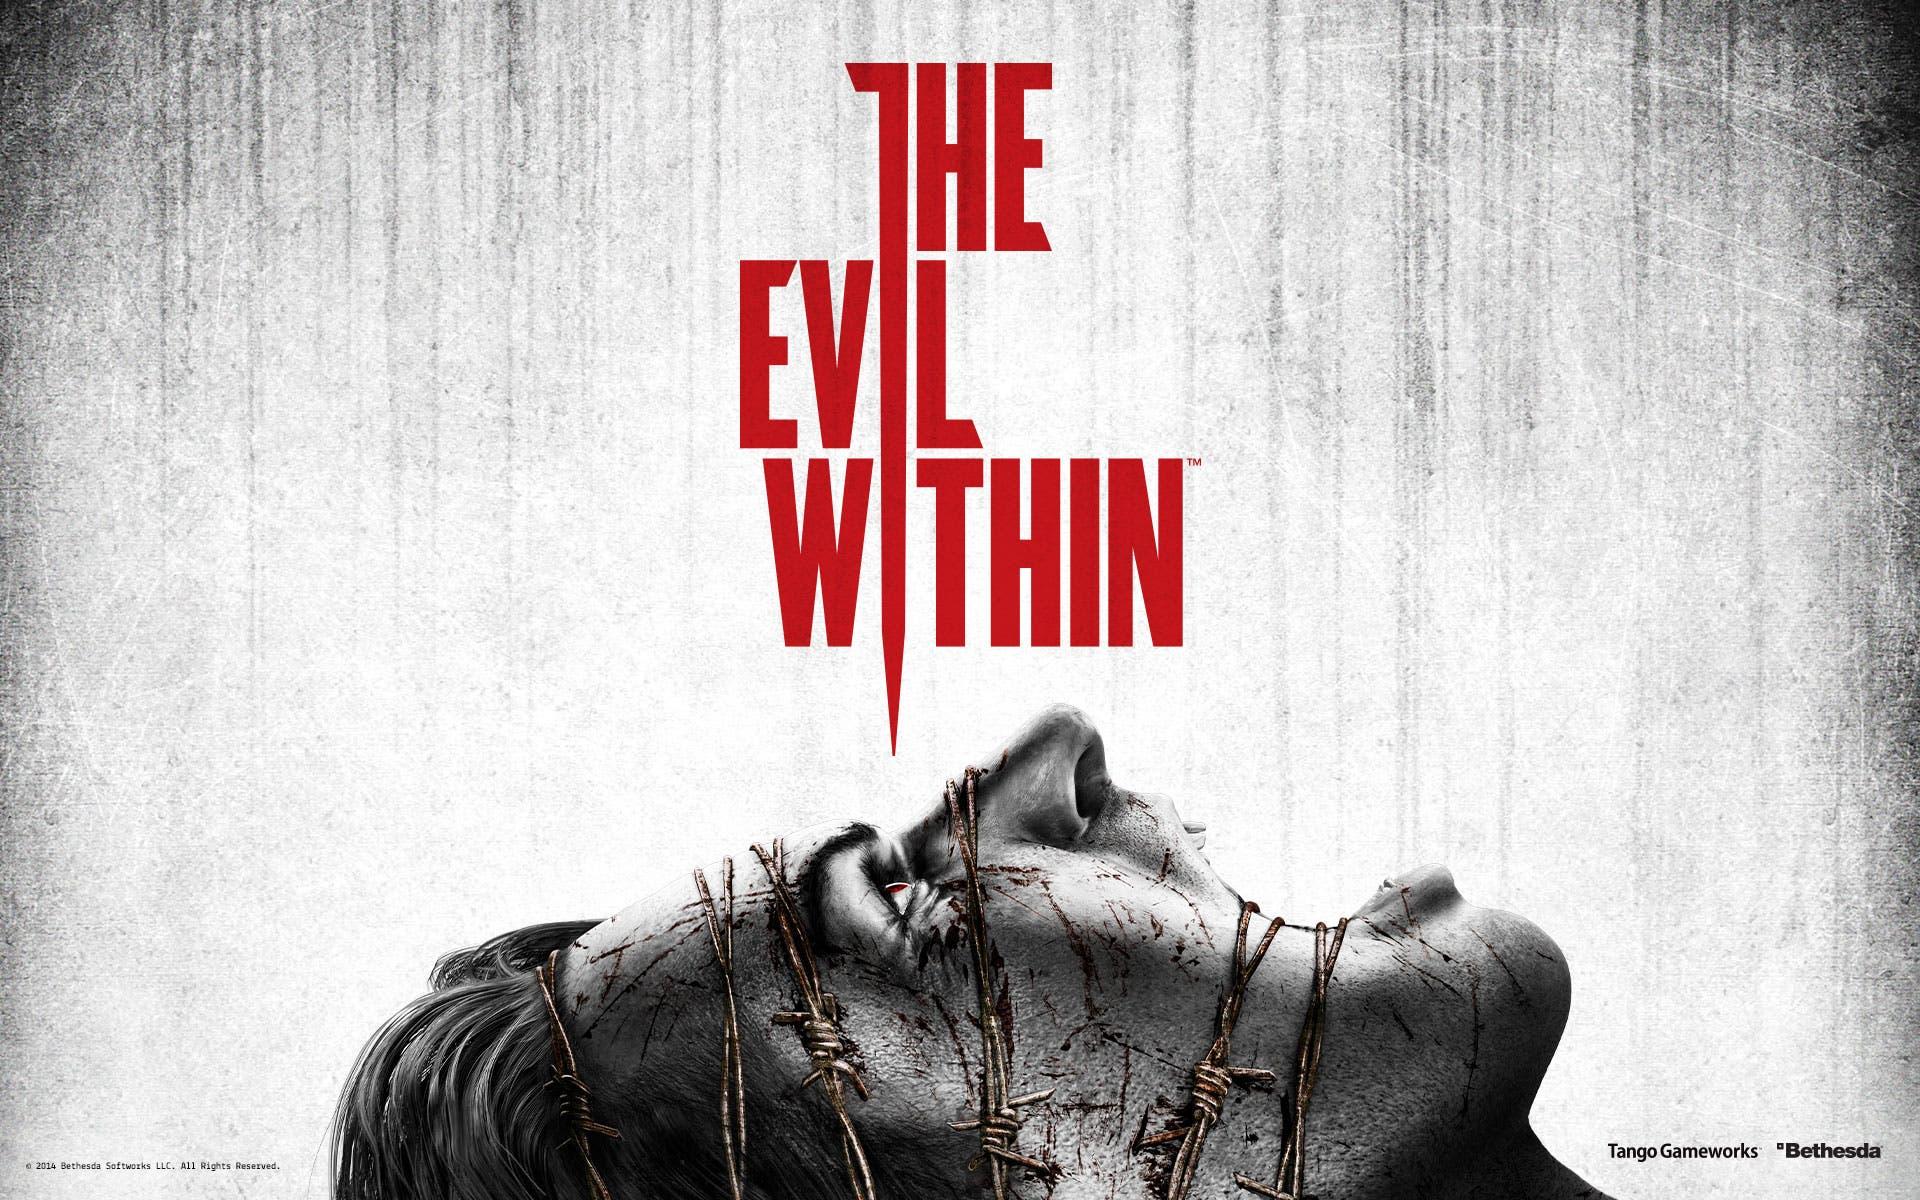 Suena The Evil Within para llegar a Xbox Game Pass esta semana 4